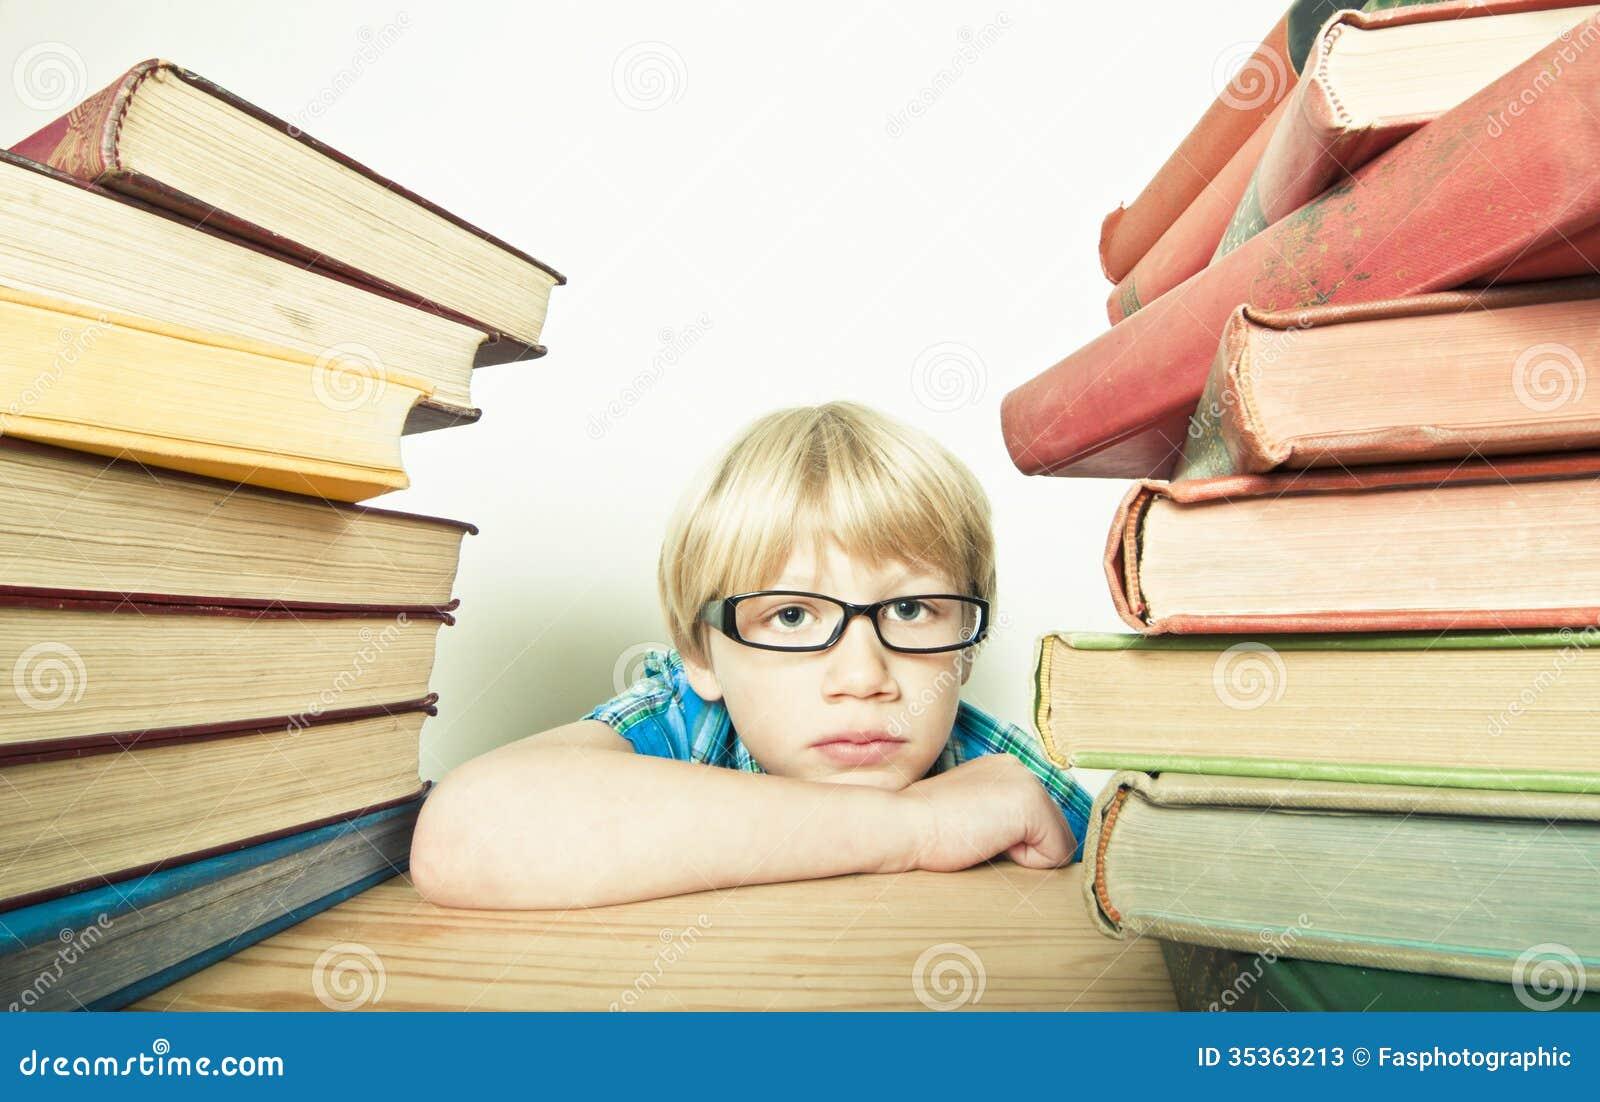 children of amarid ebook download